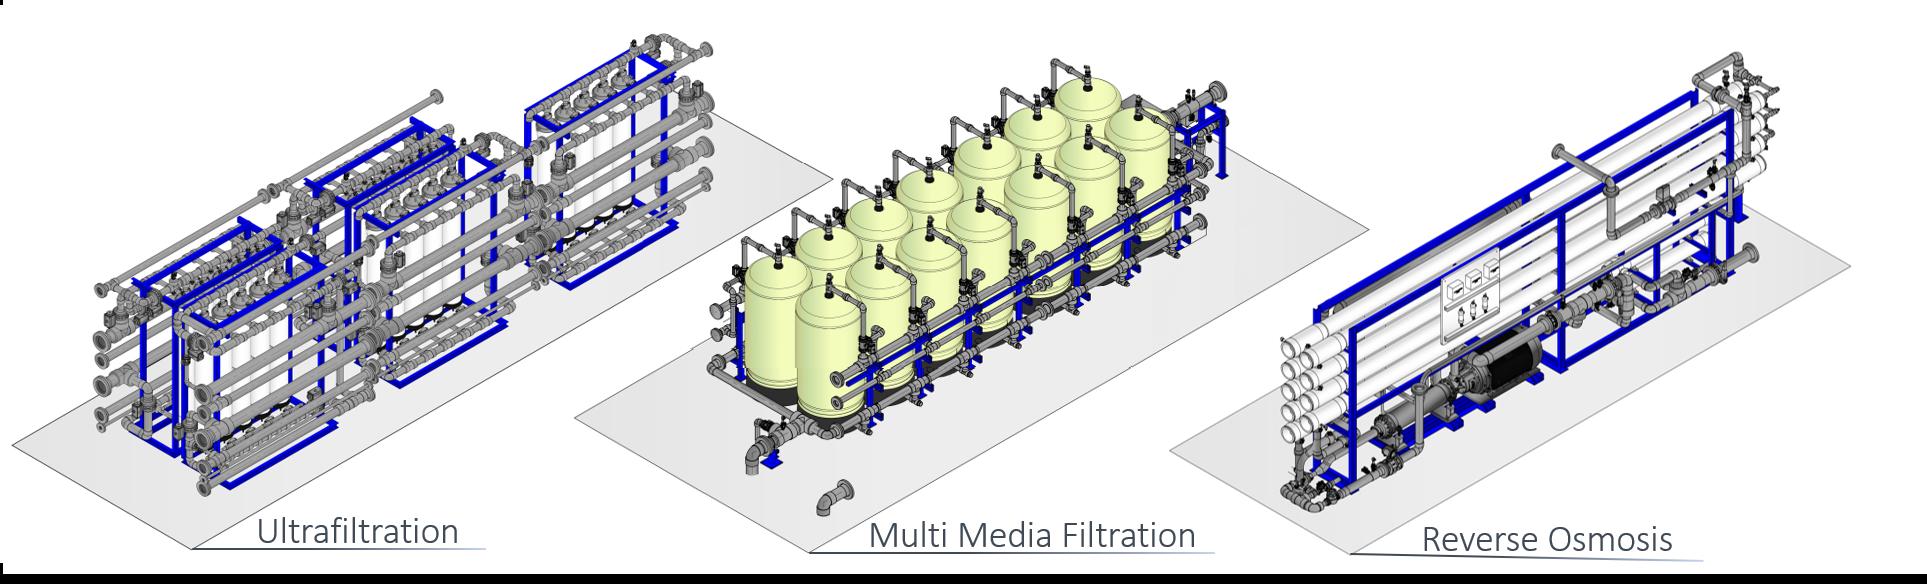 NIROFLEX Desalination